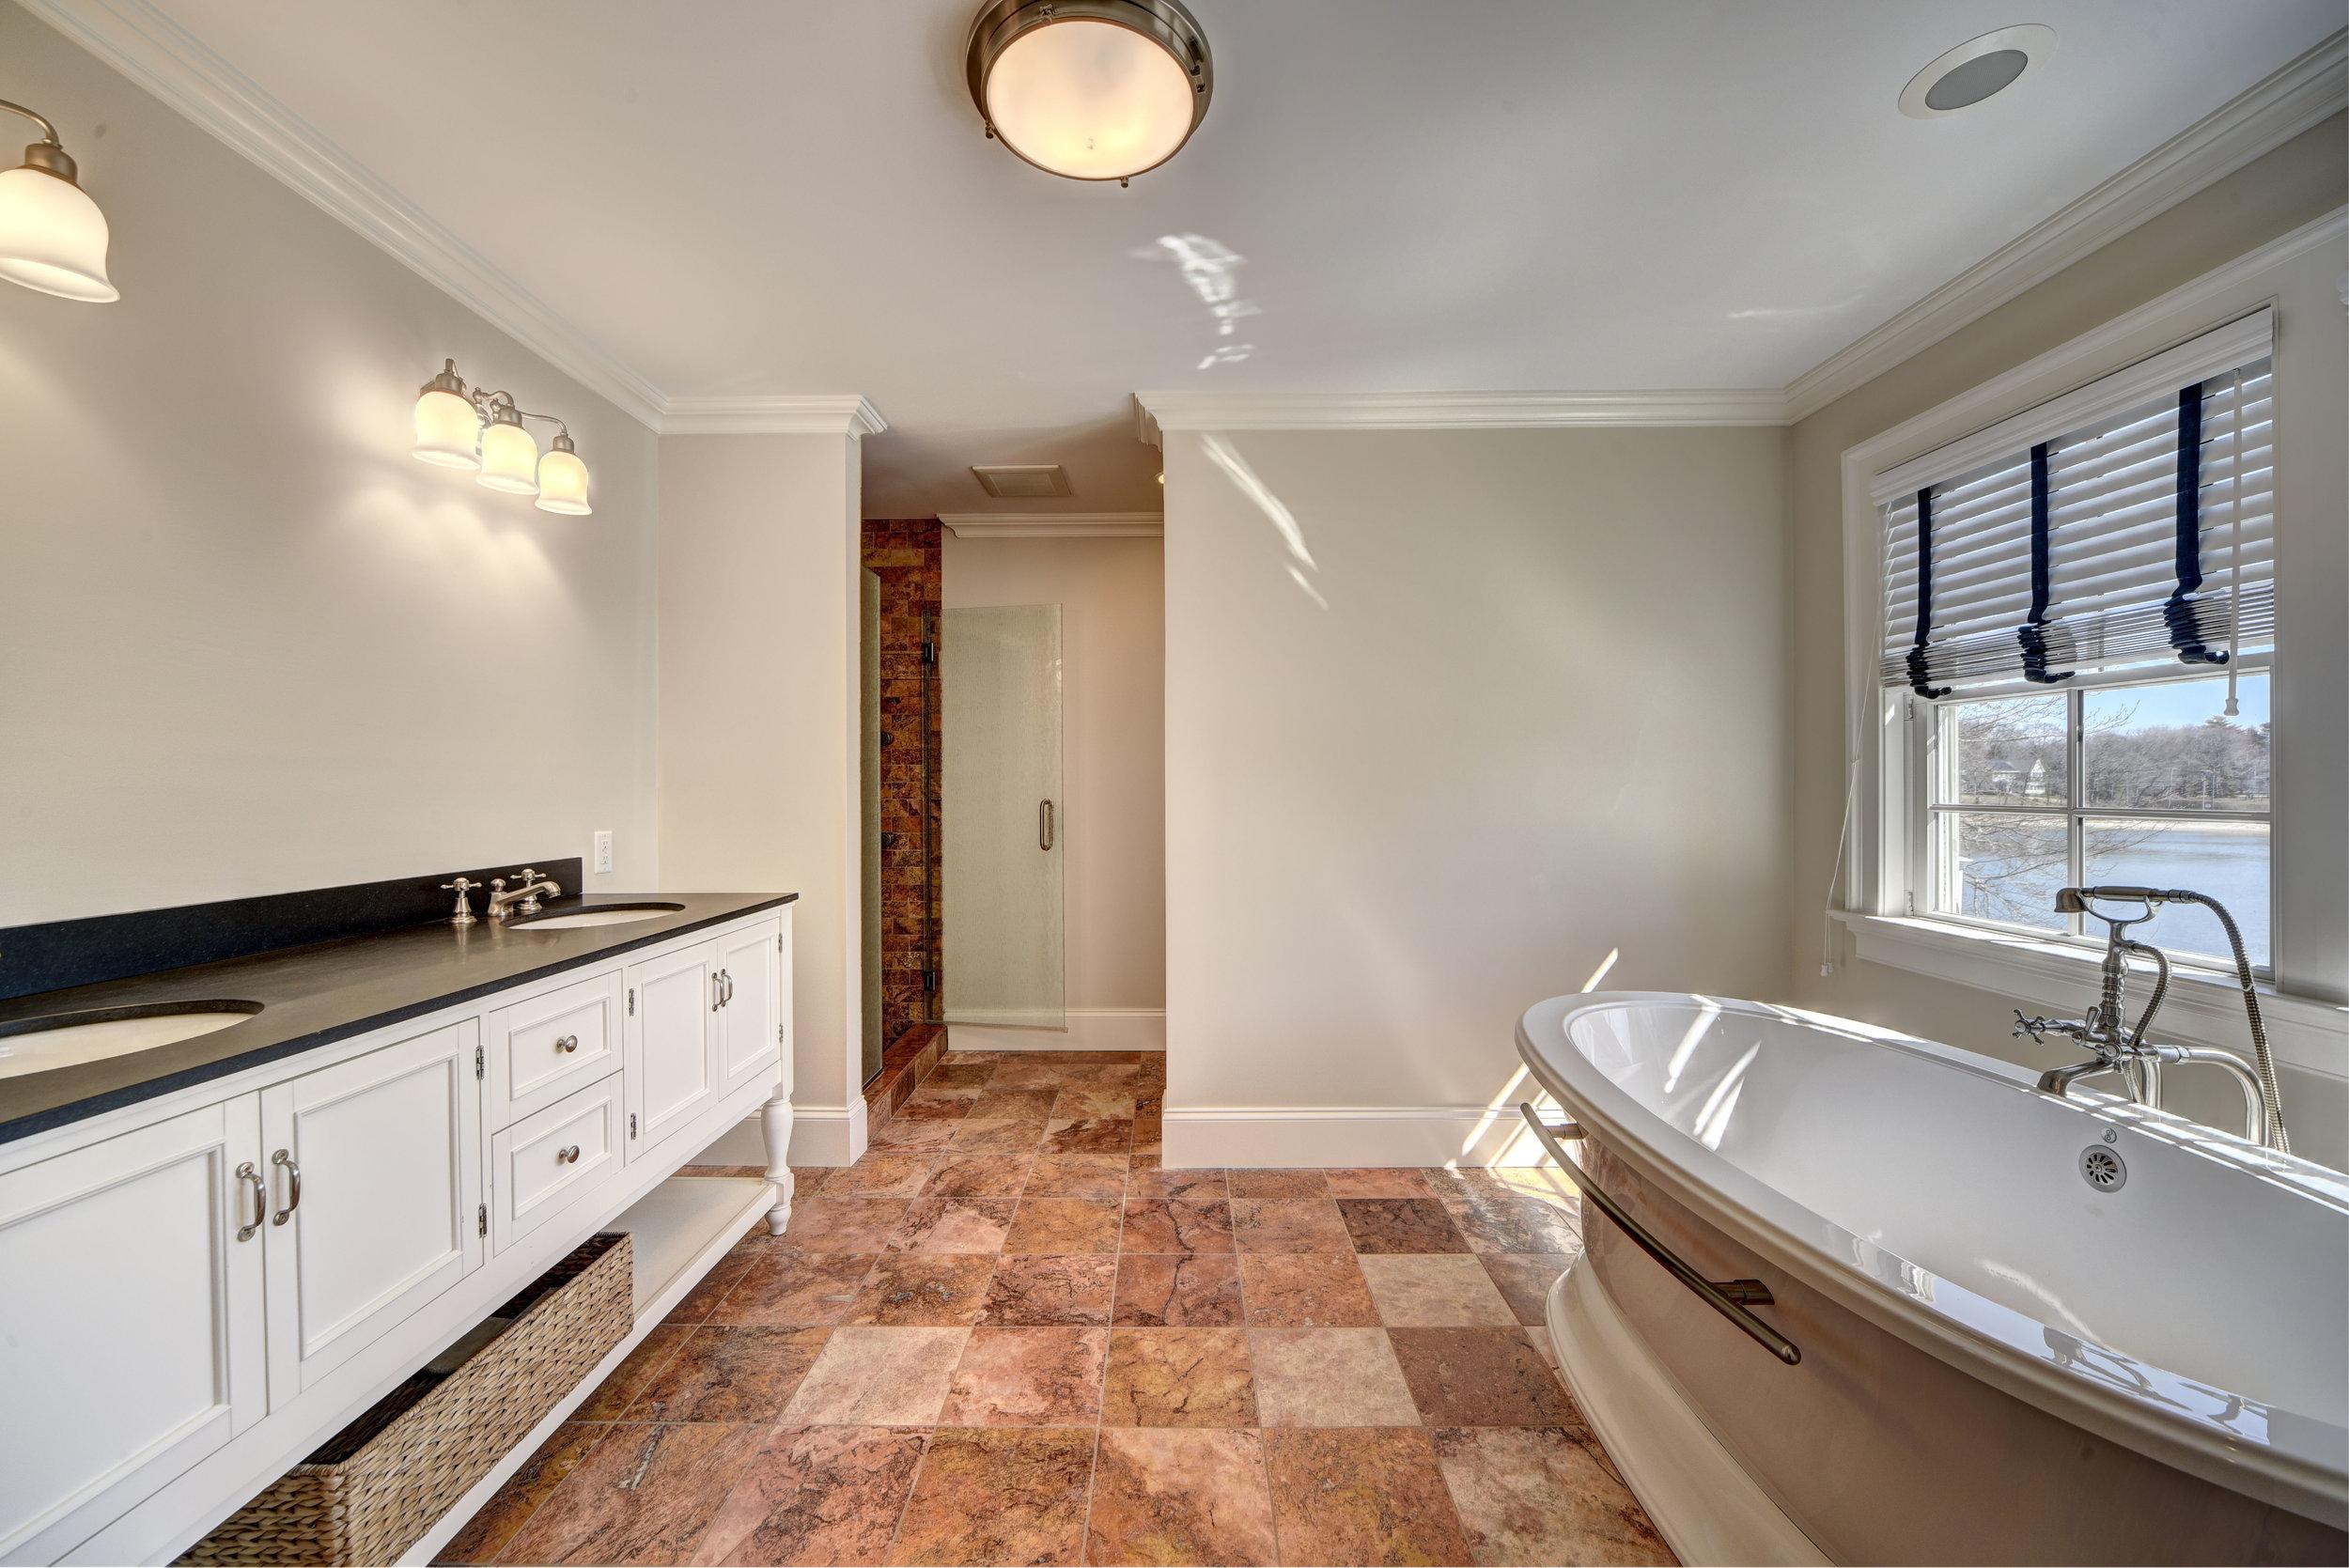 29 Winthrop Rd bath.jpg